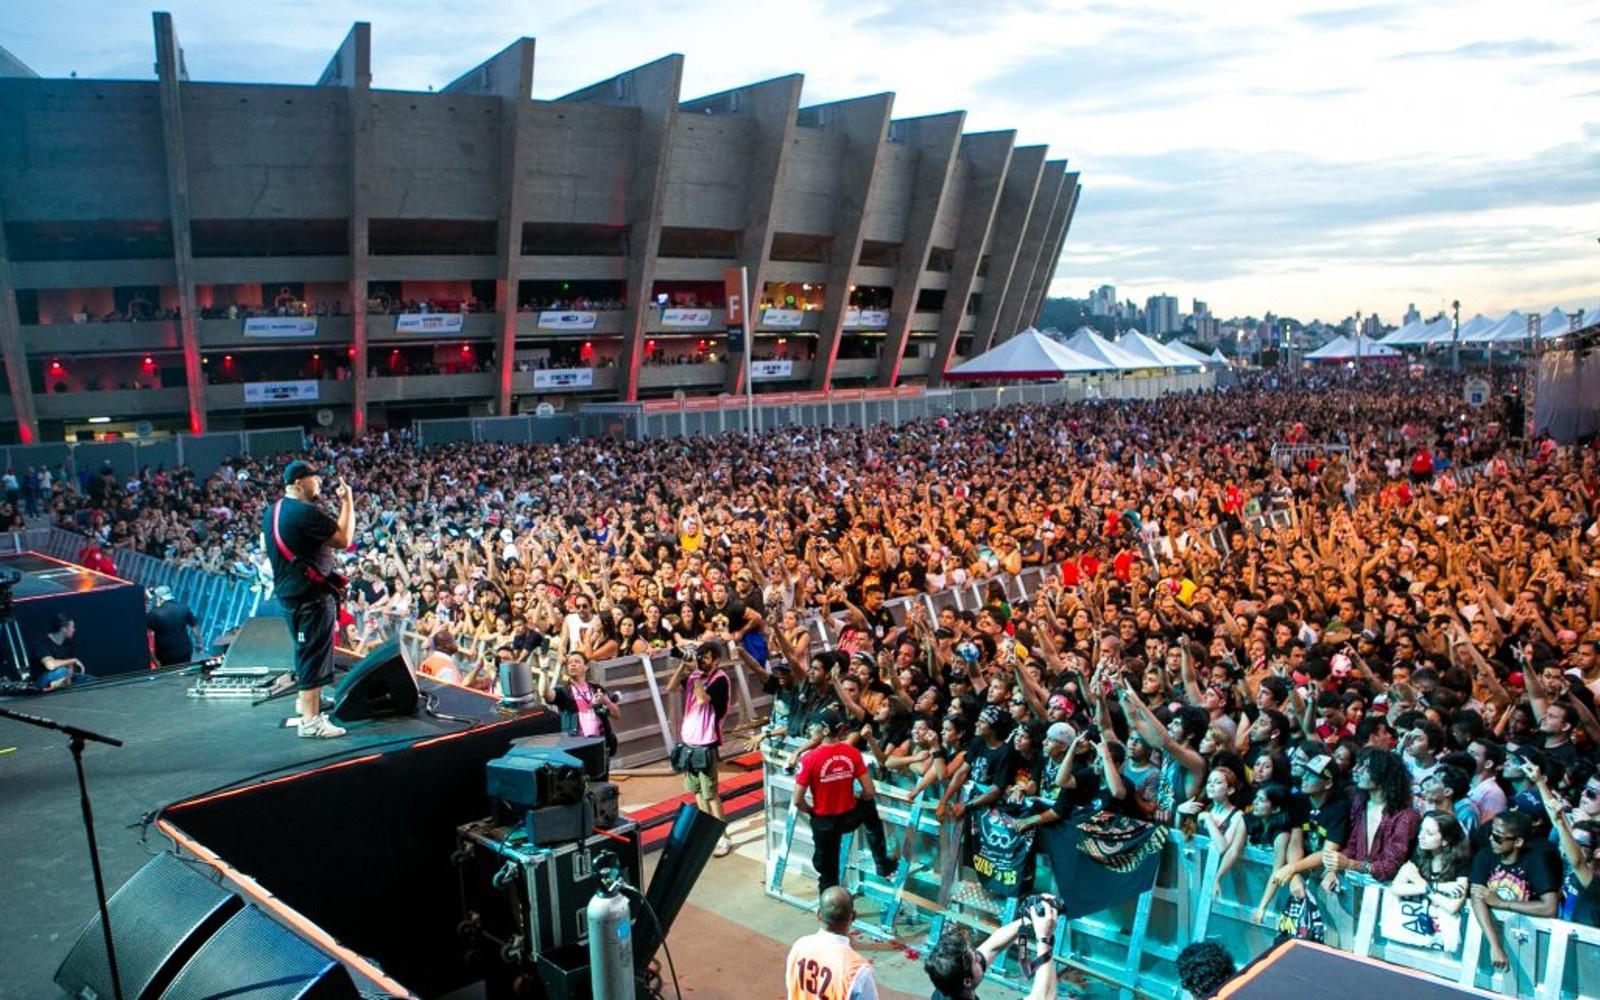 Pulso Entrevista: Henrique Chaves conta os bastidores do Festival Planeta Brasil